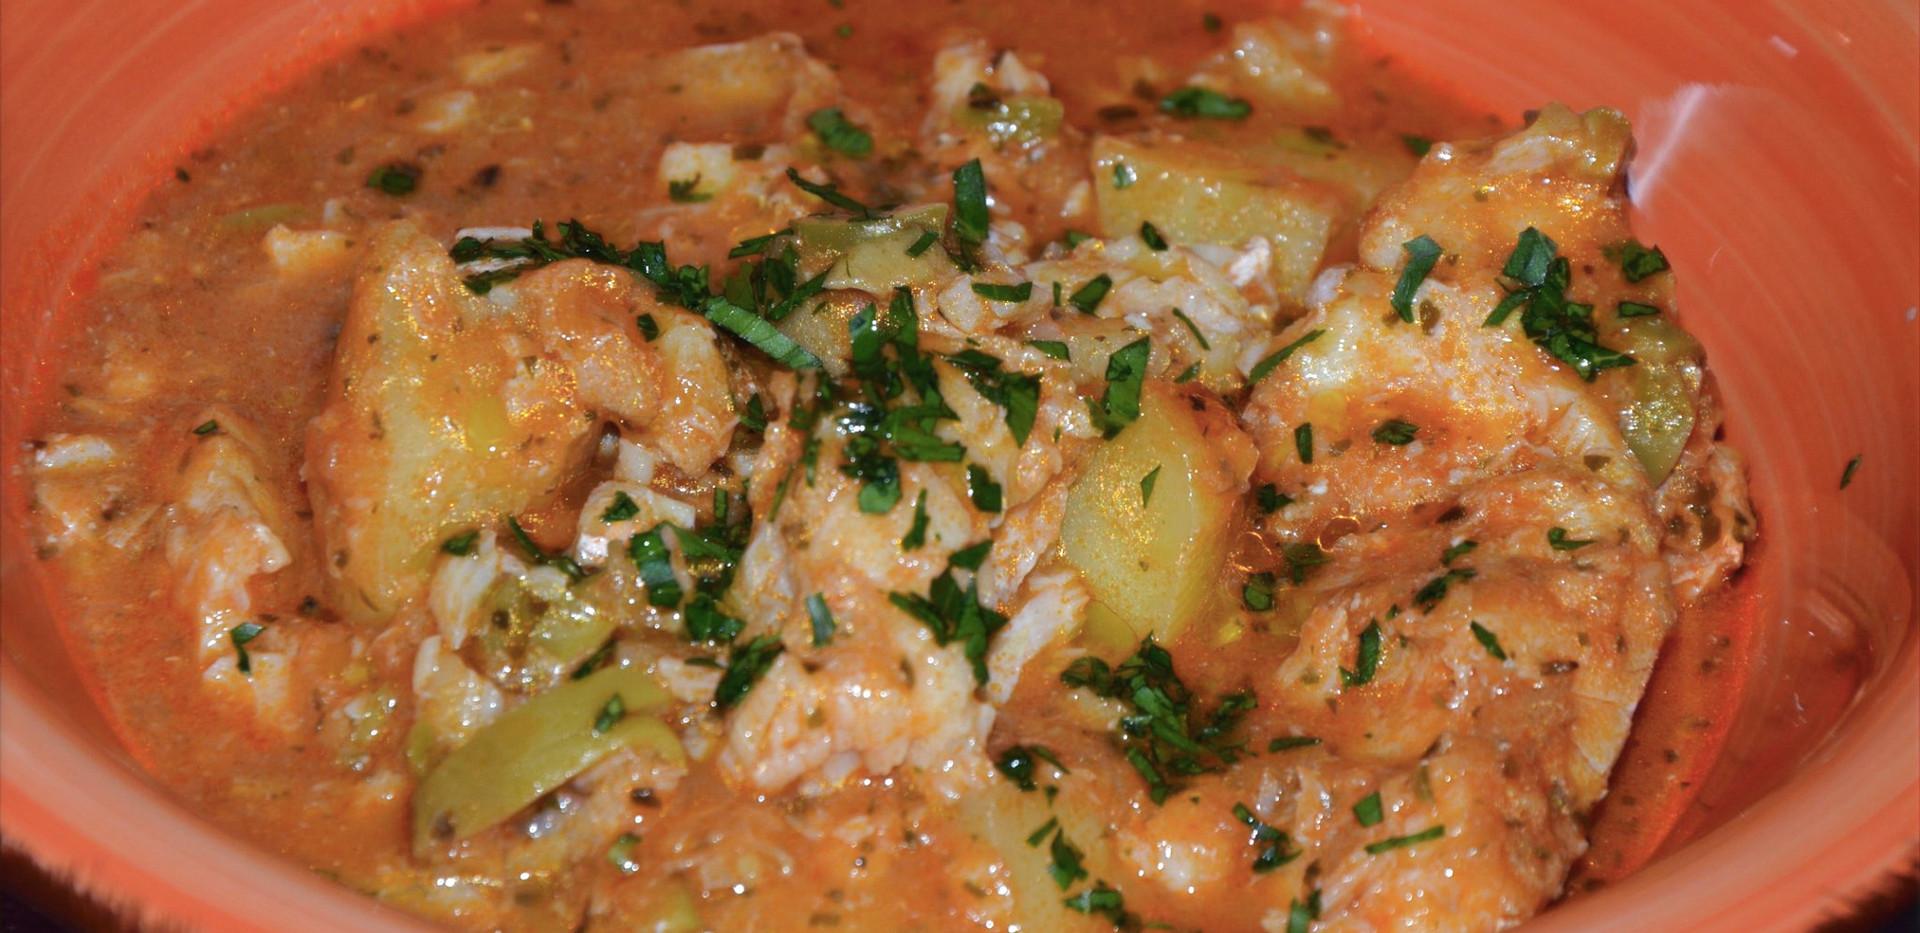 baccalà in umido con le patate #osteriadarbruttone